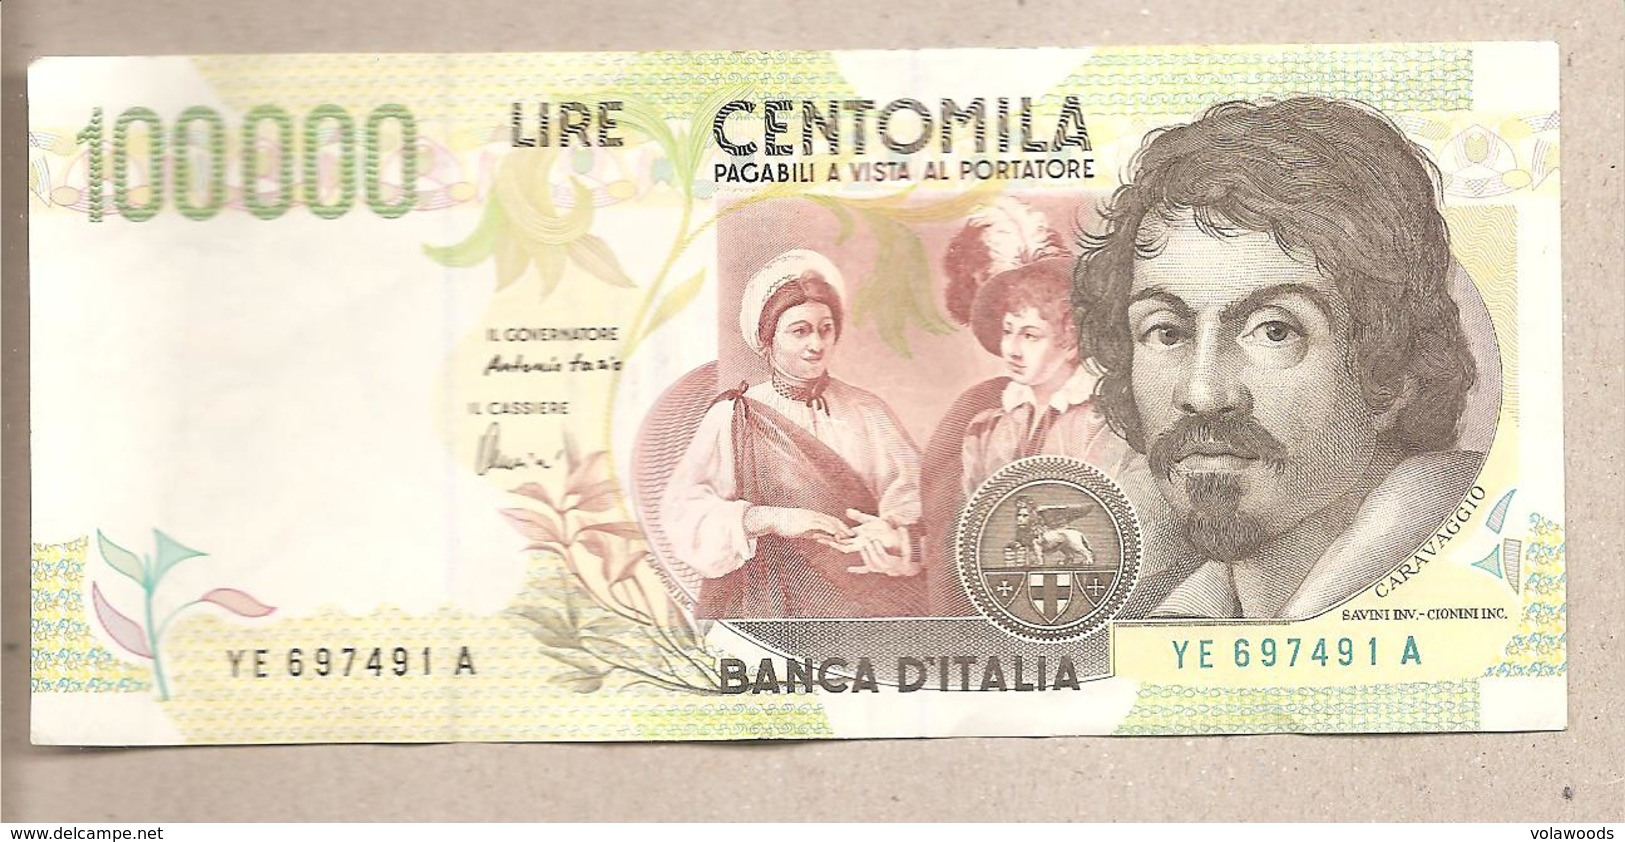 Italia - Banconota Circolata Da 100.000 Lire P-117b  - 1998 - [ 2] 1946-… : Repubblica